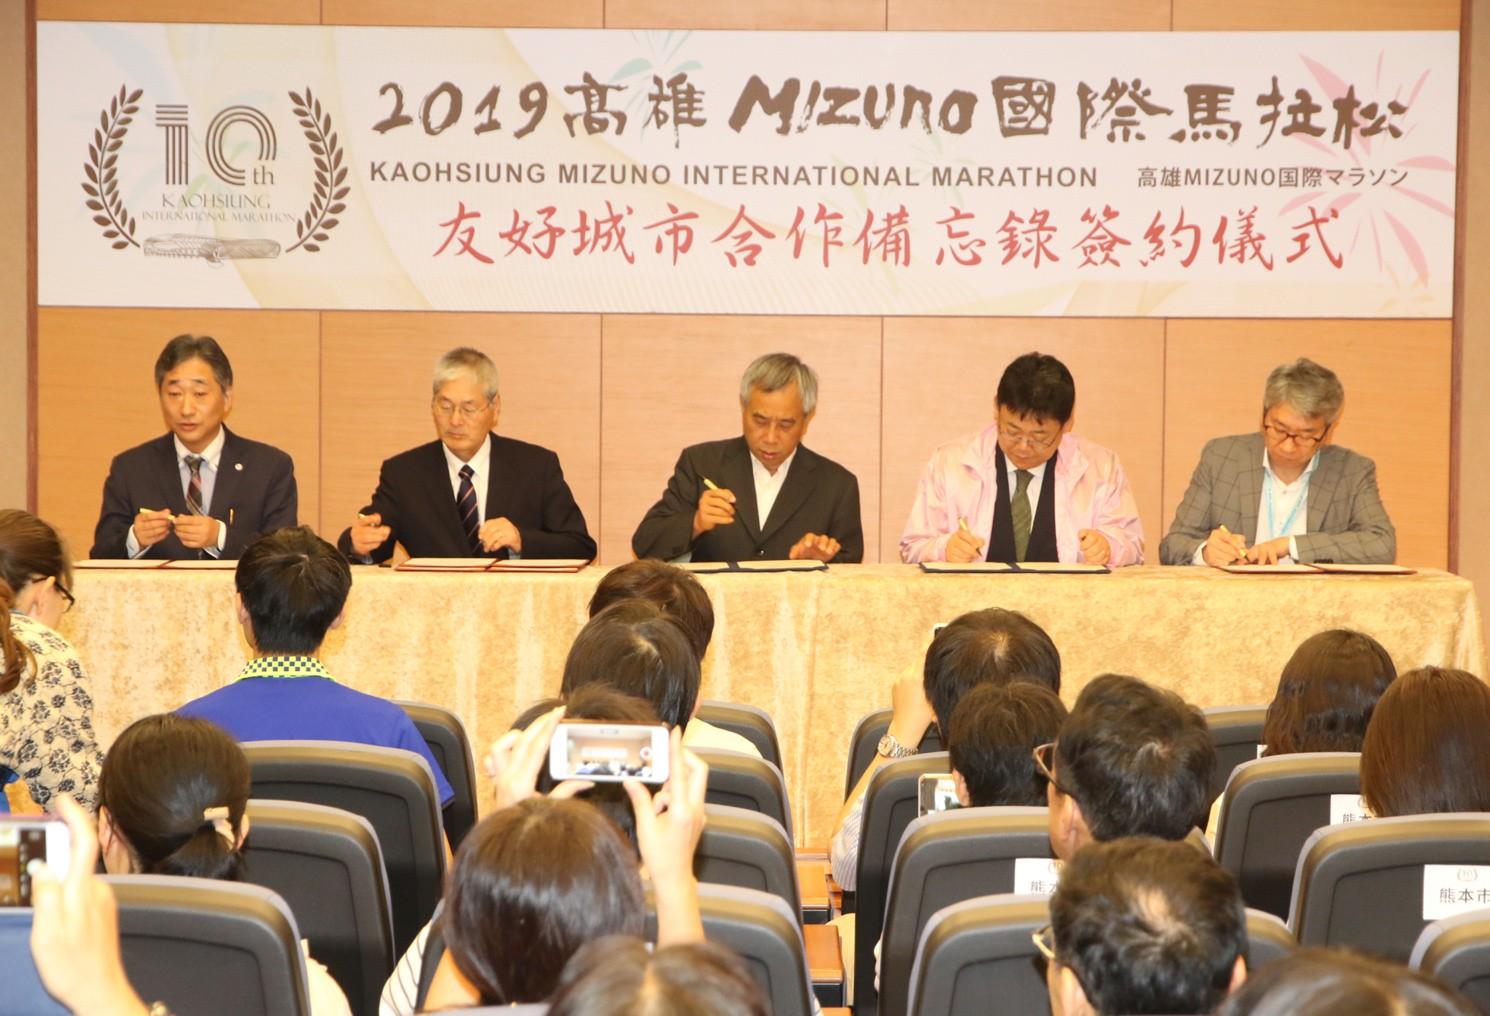 10國外城市組團參加高雄馬 簽MOU交流互惠